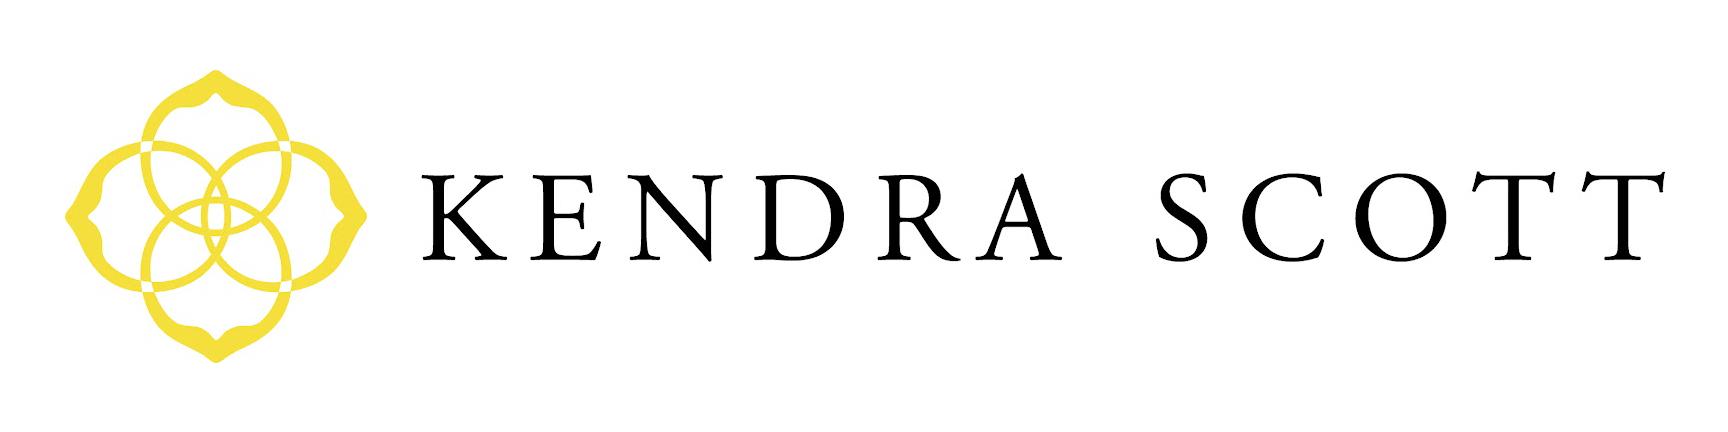 Kendra Scott company logo